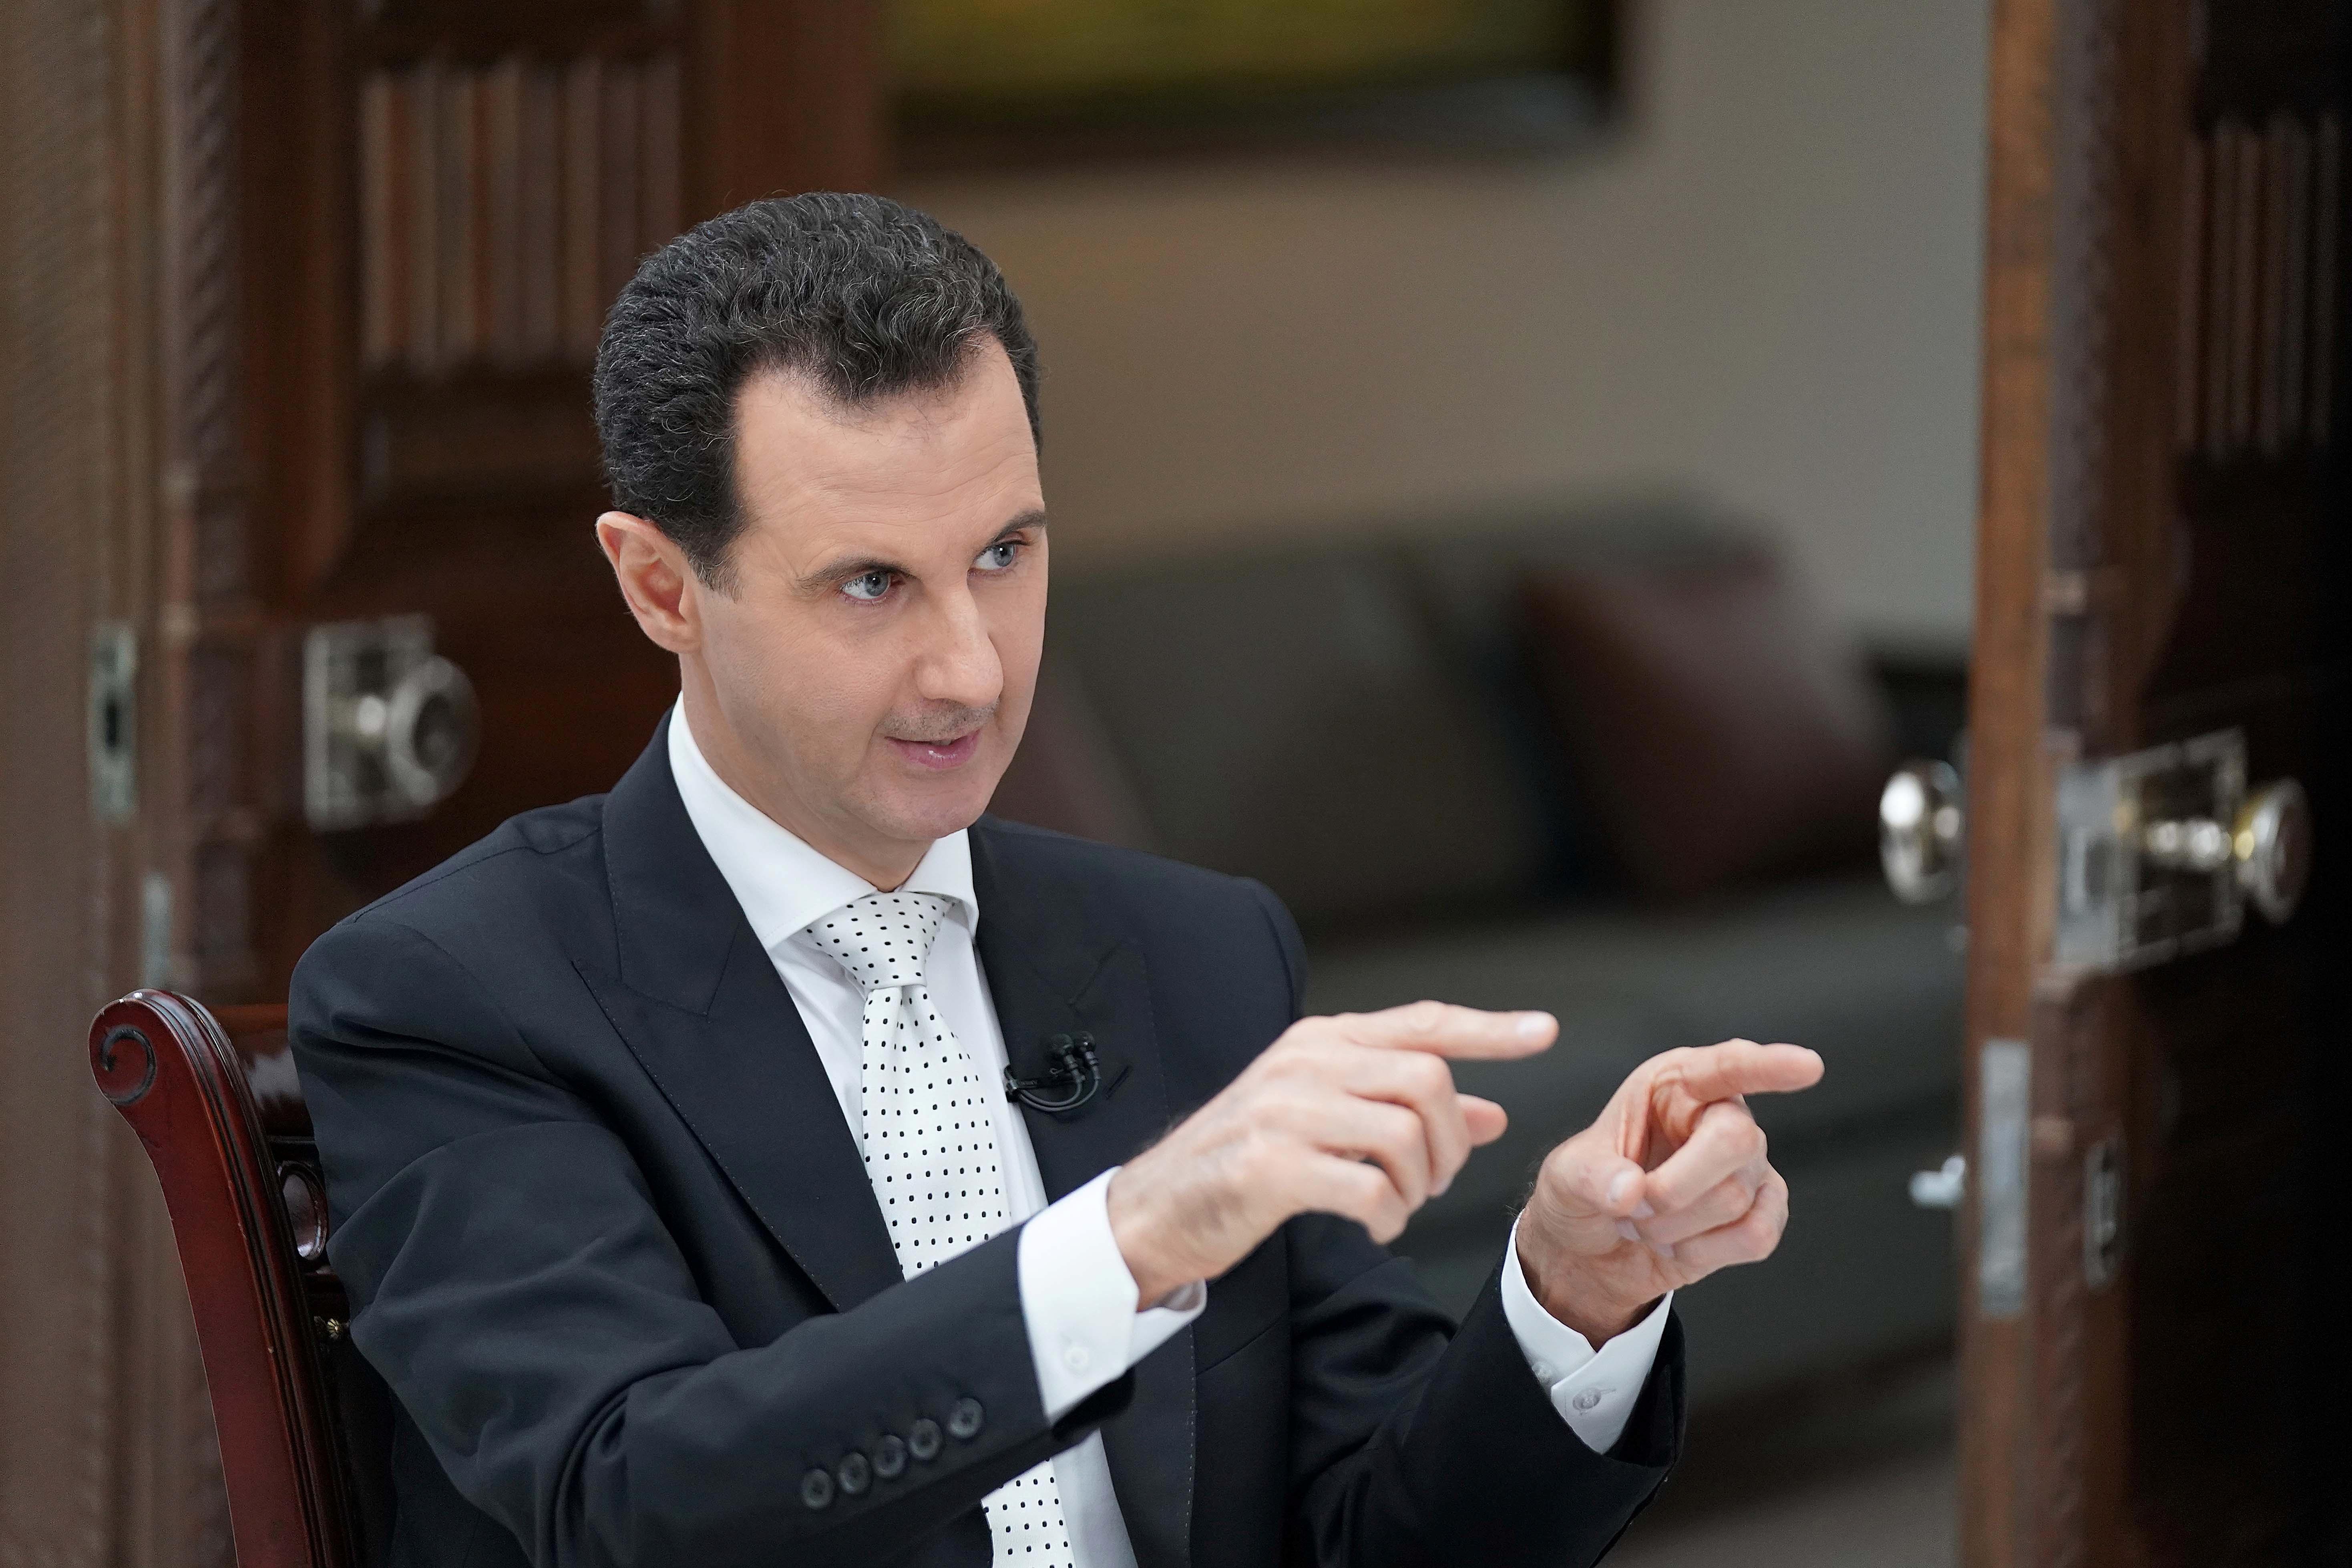 Συρία: Ο Μπασάρ αλ Άσαντ επανεξελέγη πρόεδρος με ποσοστό 95,1%